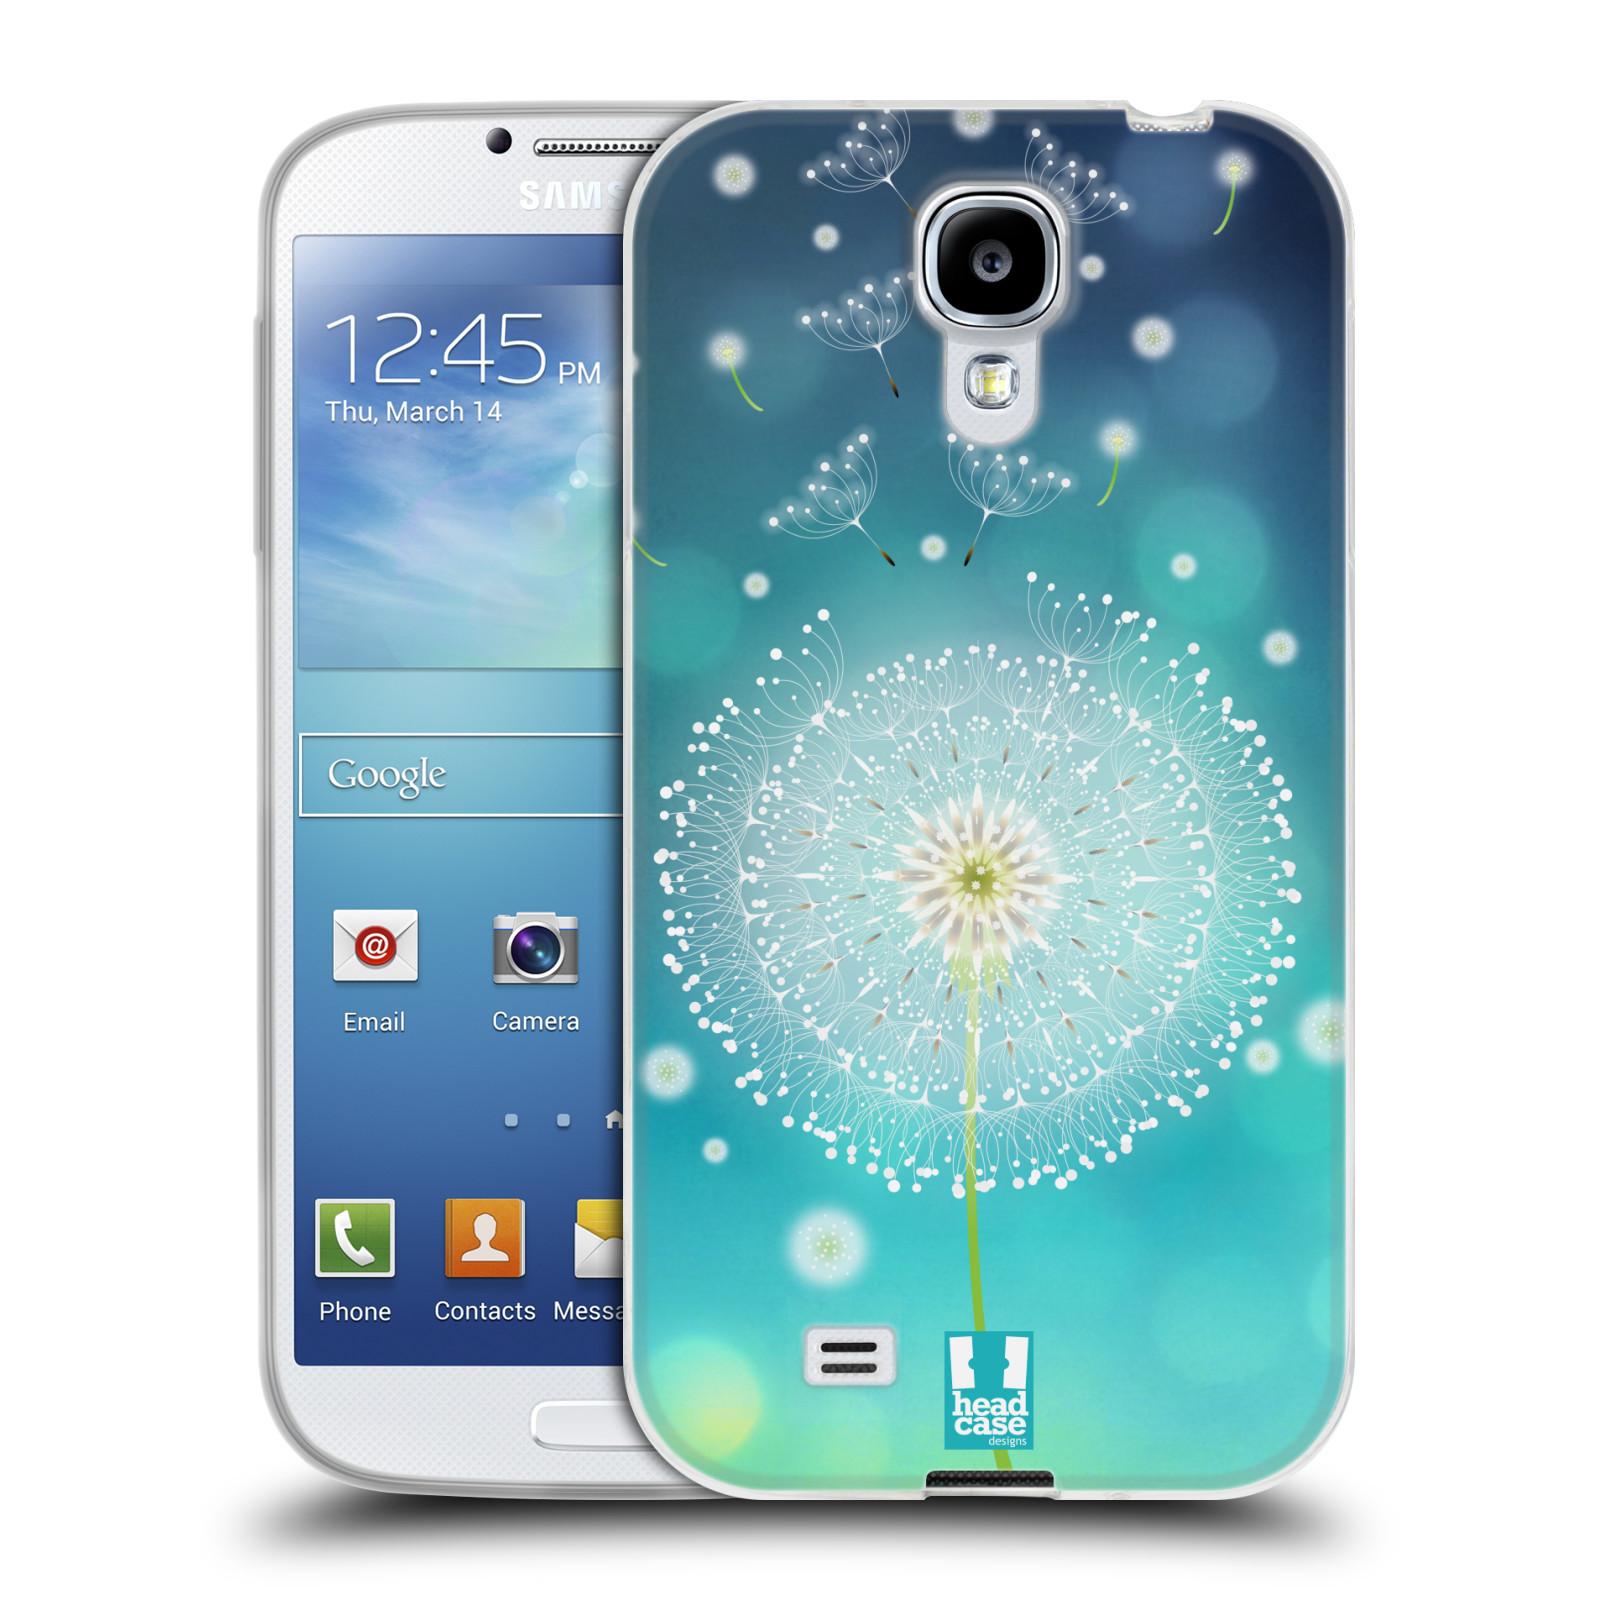 Silikonové pouzdro na mobil Samsung Galaxy S4 HEAD CASE Rozlétaná pampeliška (Silikonový kryt či obal na mobilní telefon Samsung Galaxy S4 GT-i9505 / i9500)